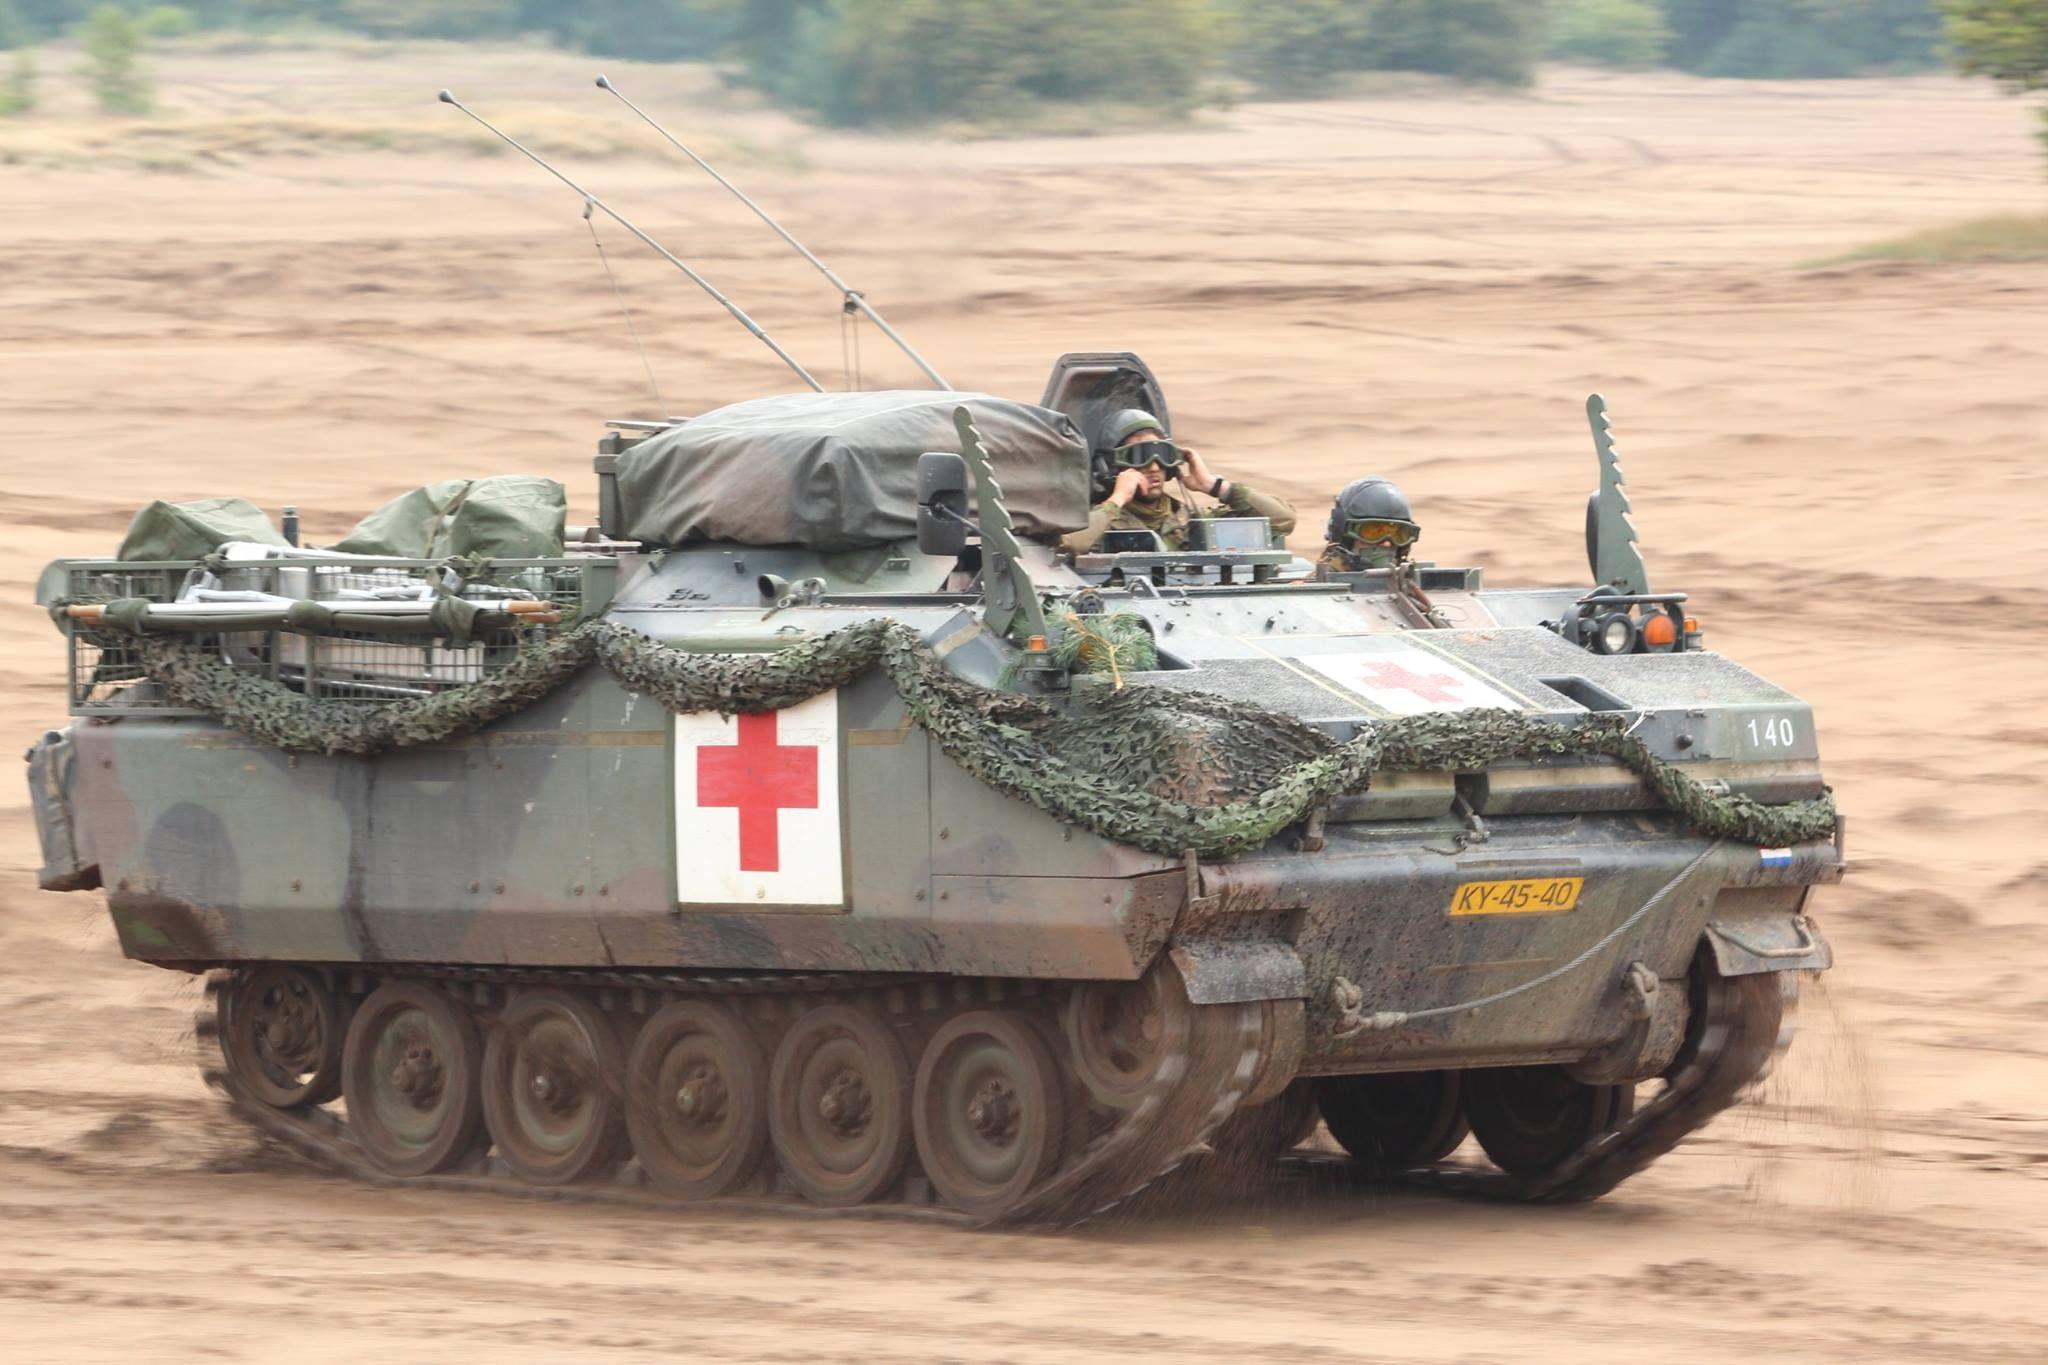 Ypr Gwt Ambulance Militaire Voertuigen Militair Voertuigen